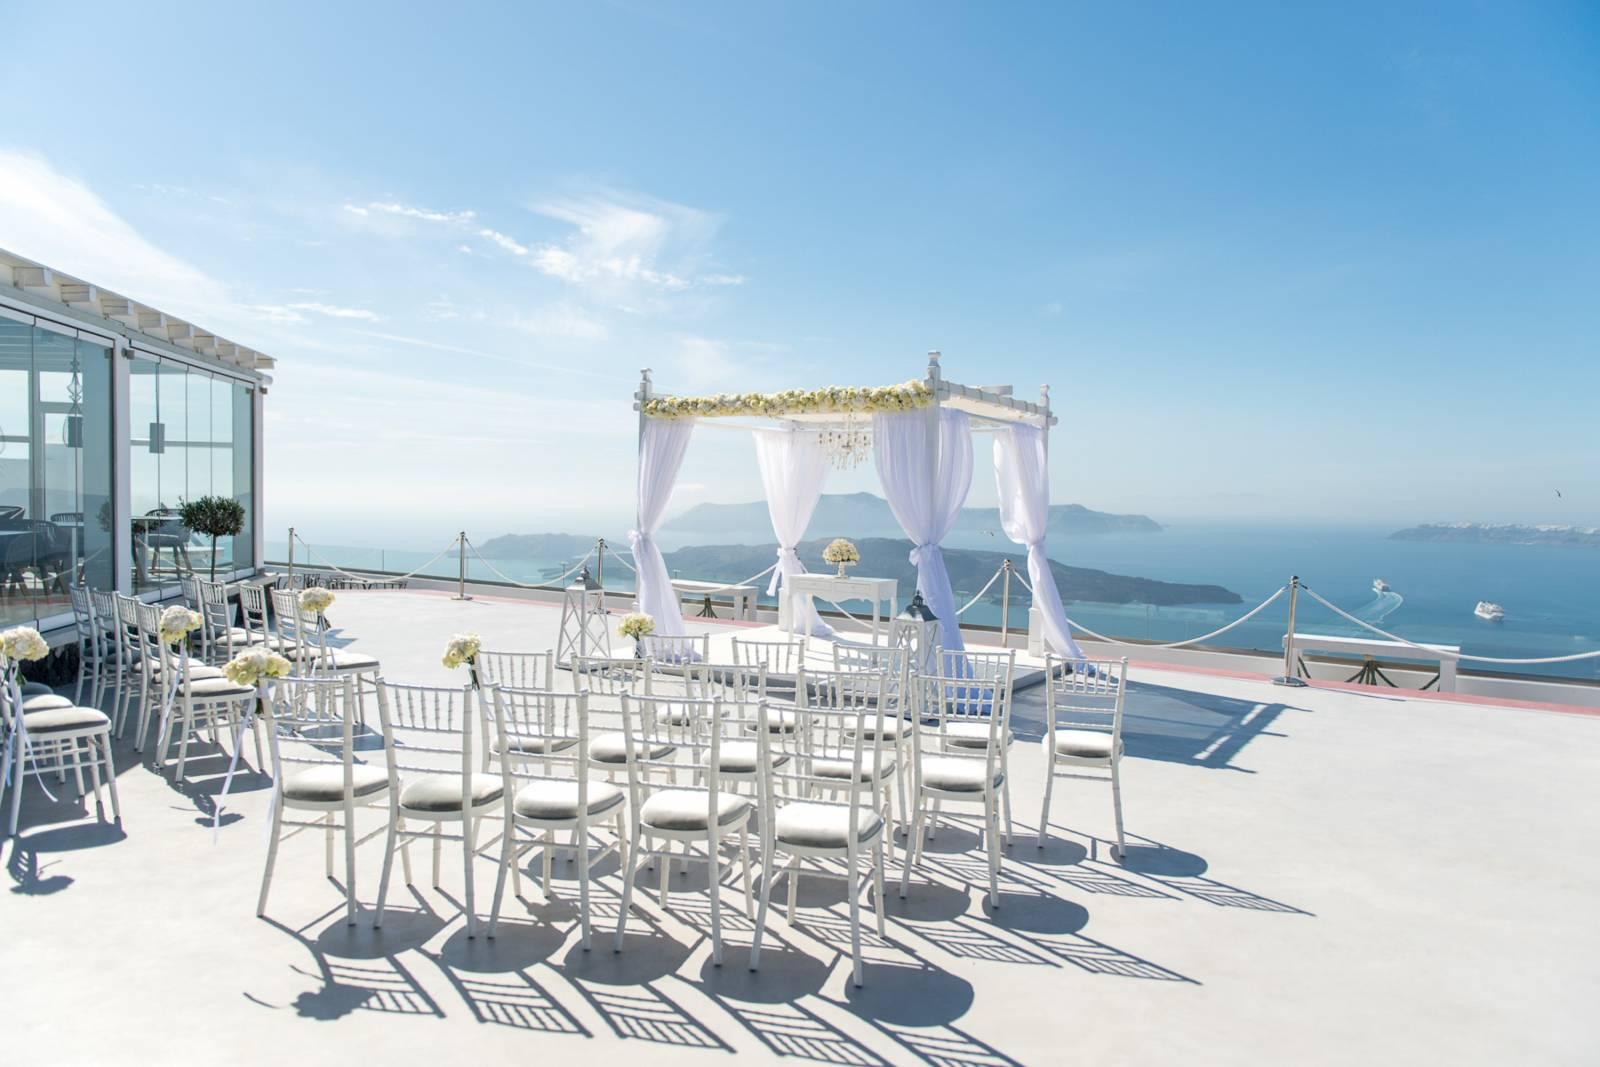 House of Weddings Studiovision huwelijk foto huwelijksfotograaf ceremonie feestzaal weddi (4)